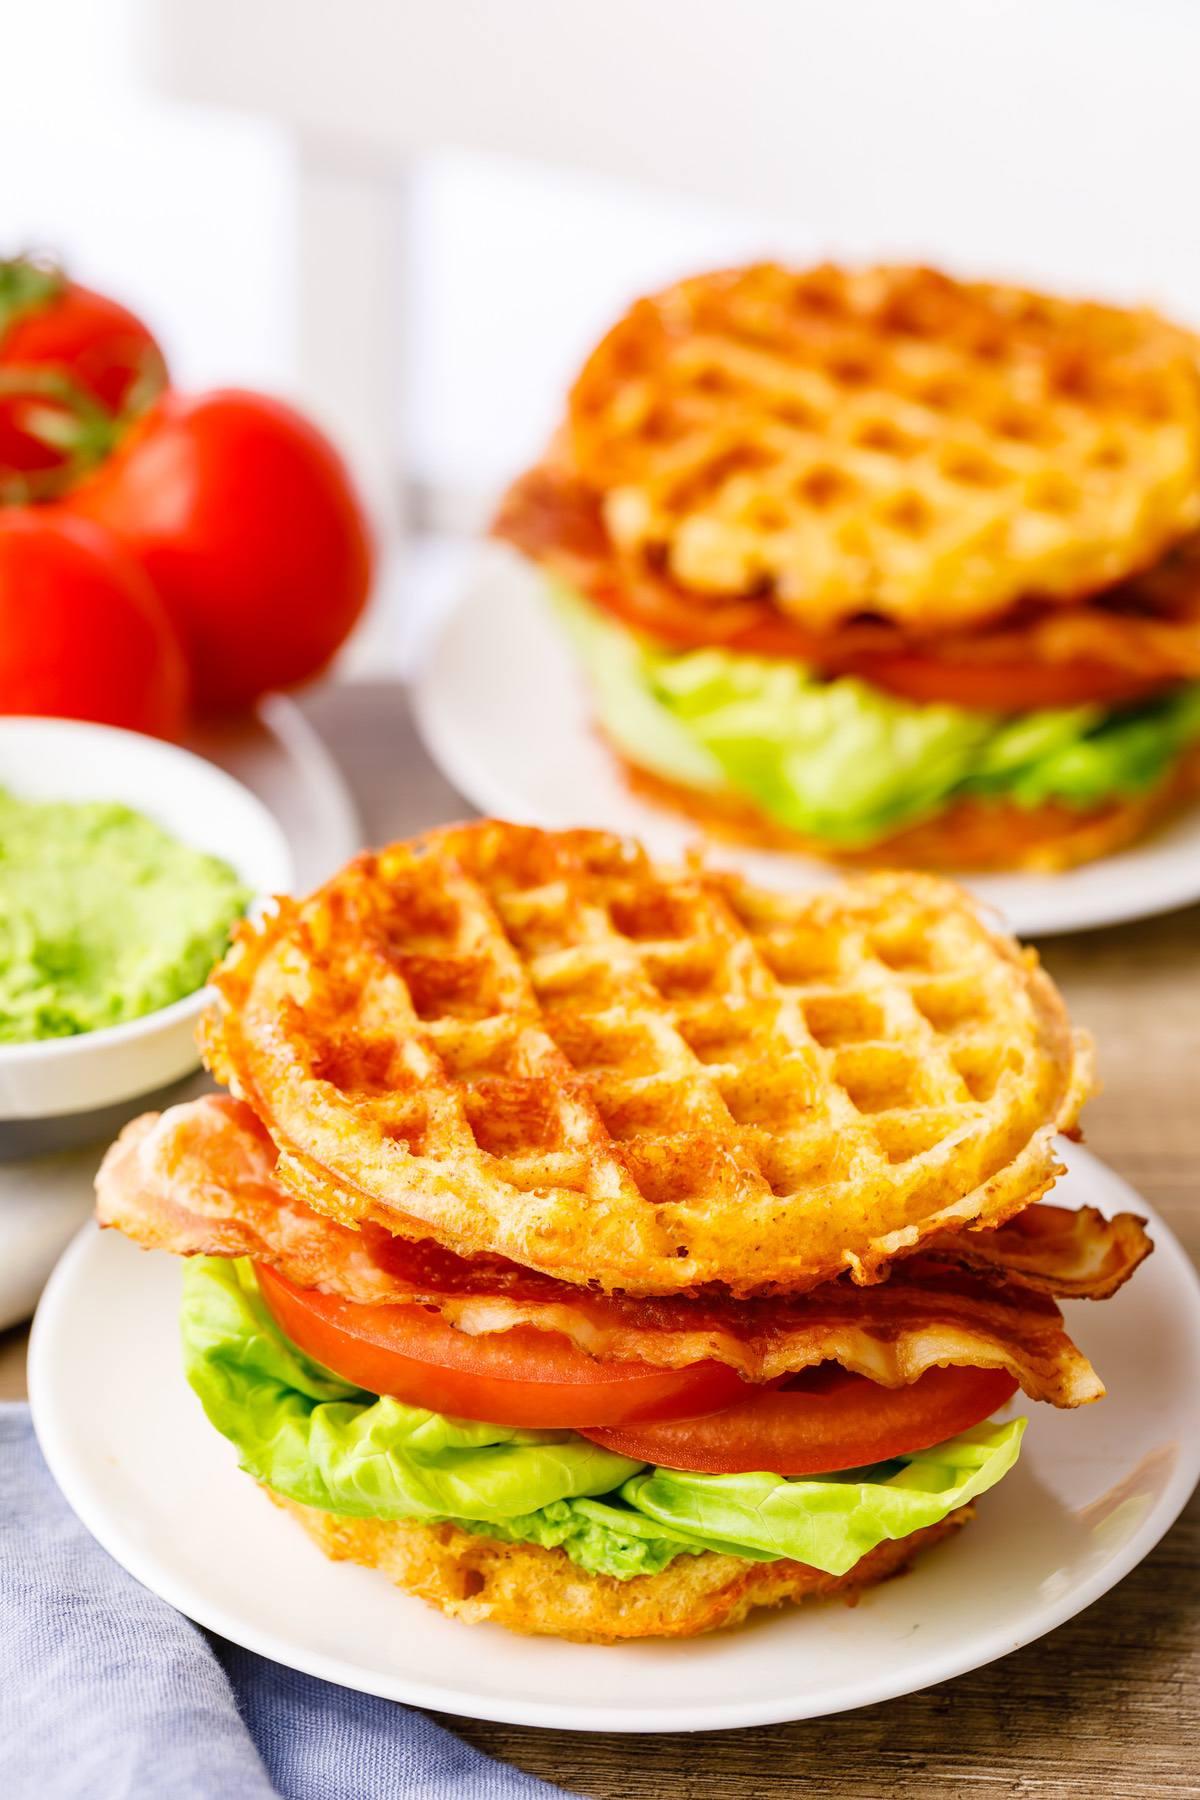 Keto Chaffle Blt Sandwich